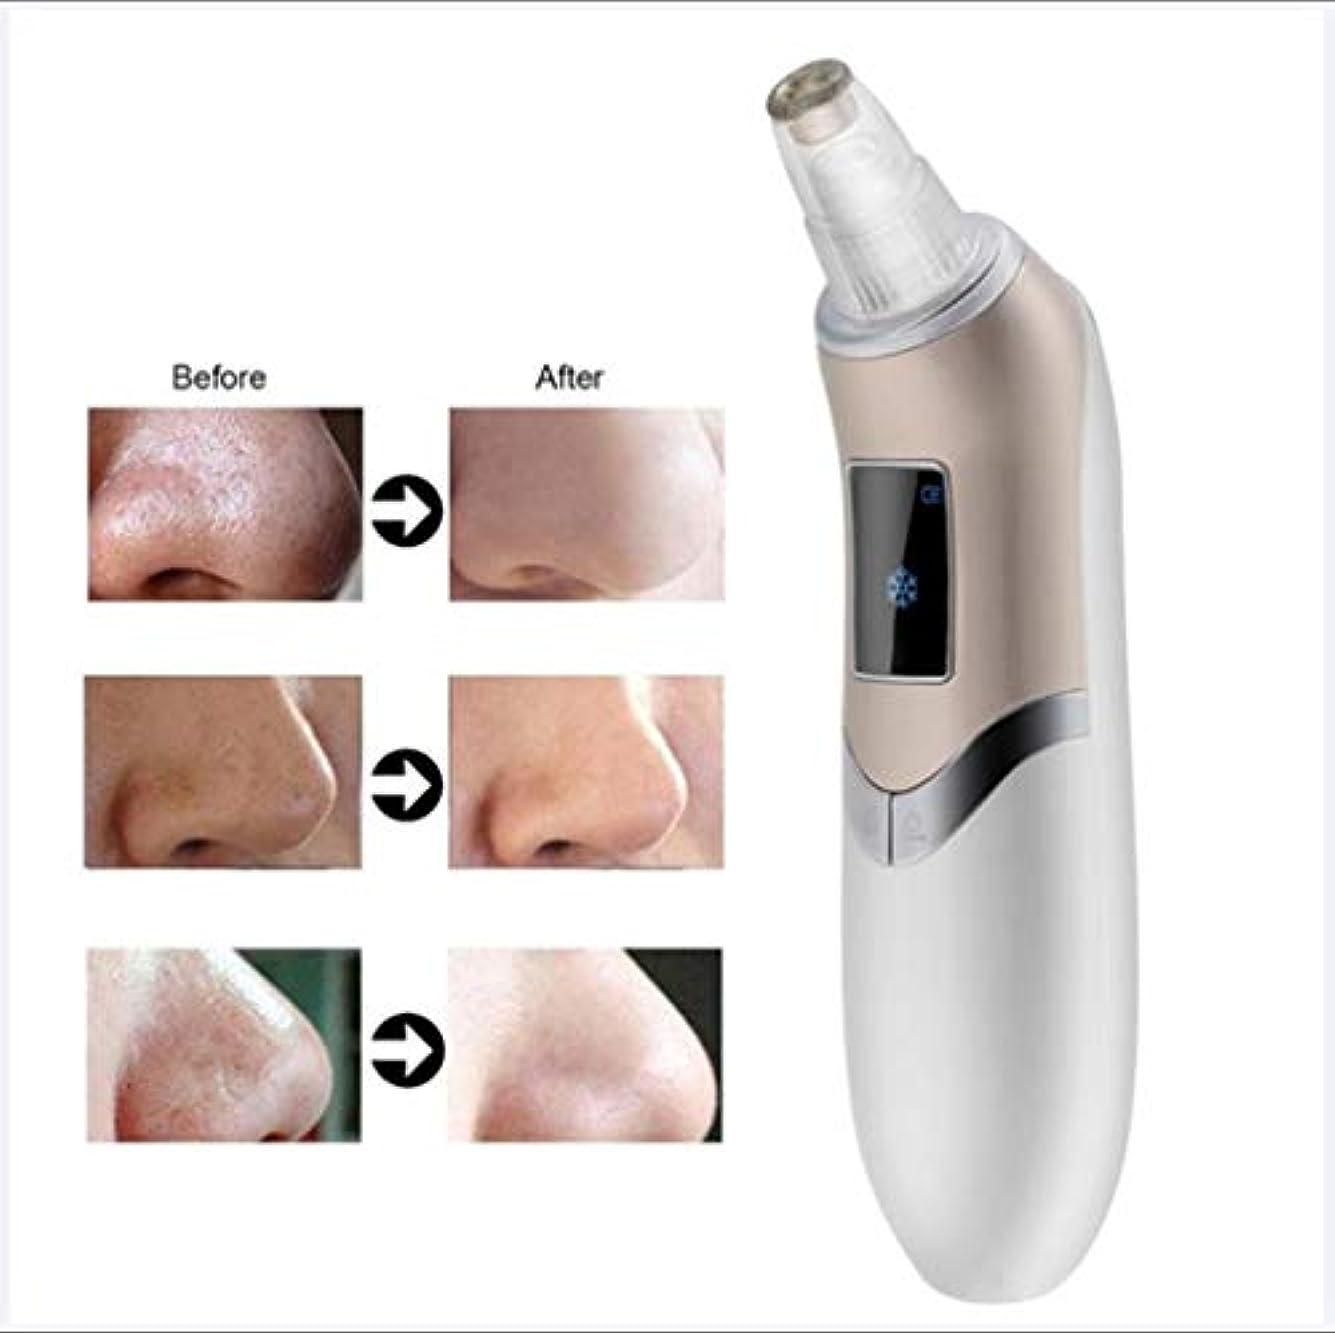 樹皮消化器霜洗顔料 - にきび掃除機 - 電気にきびマイクロダーマブレーション - 美容